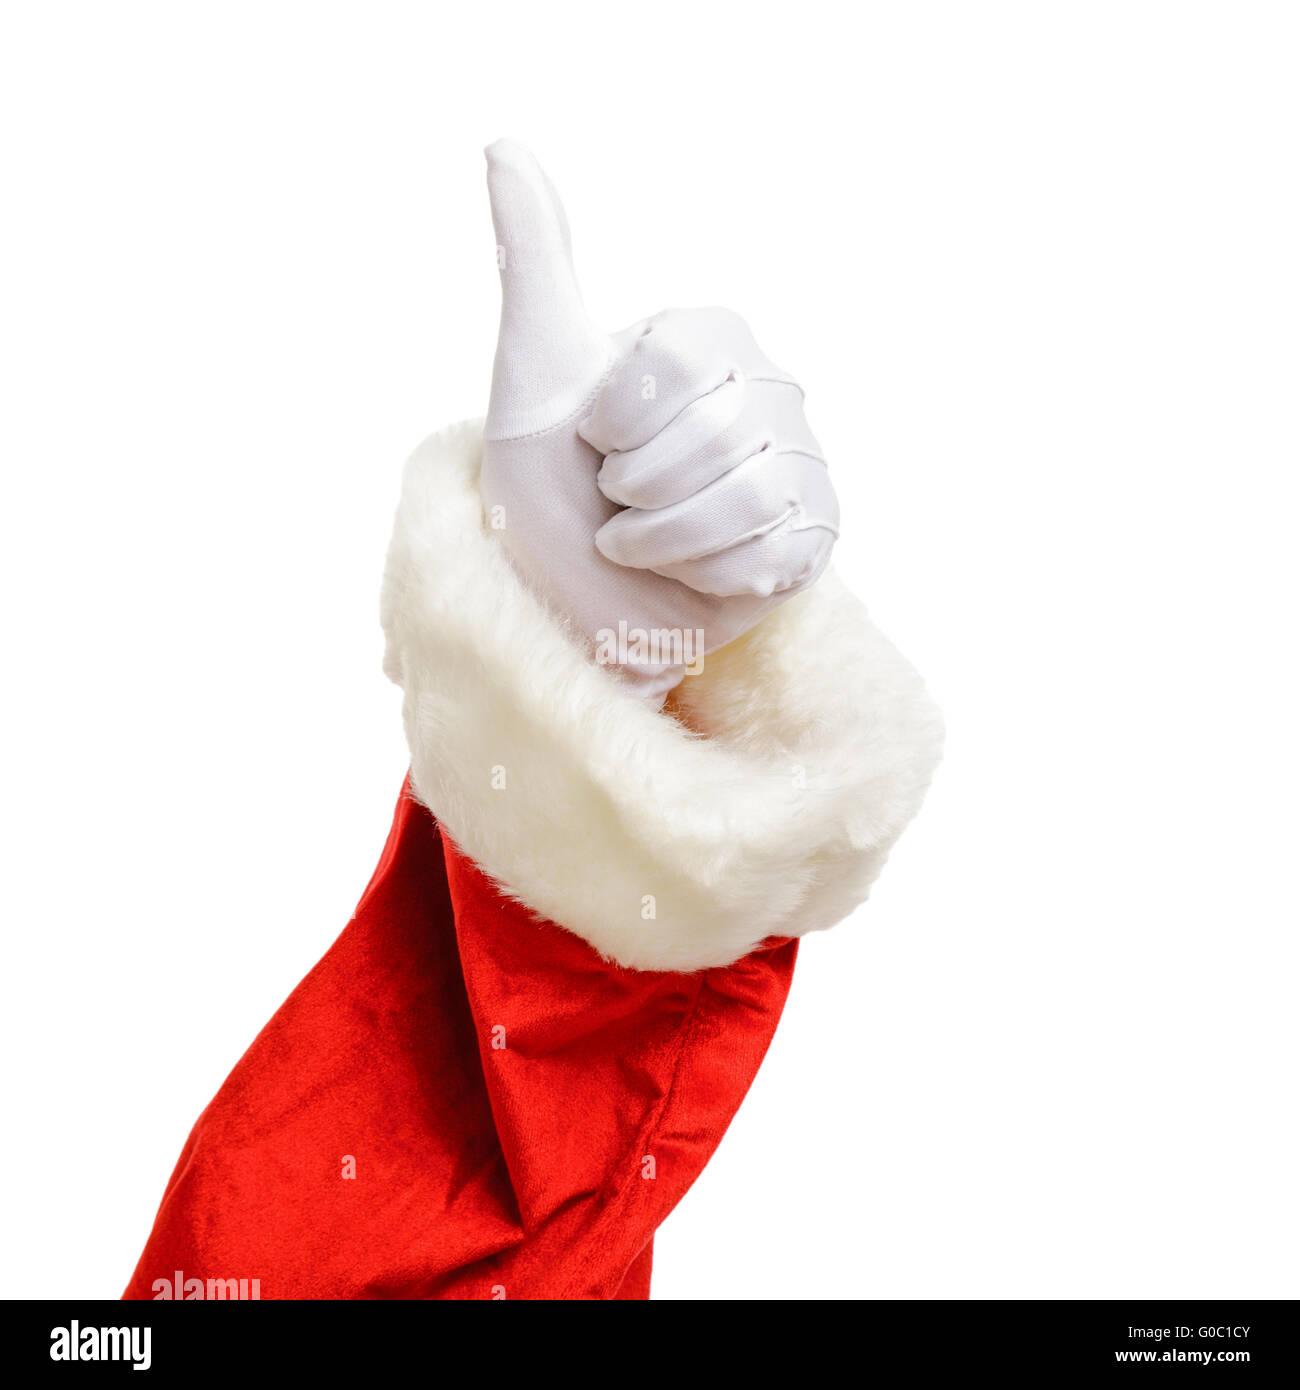 Christmas thumbs up - Stock Image